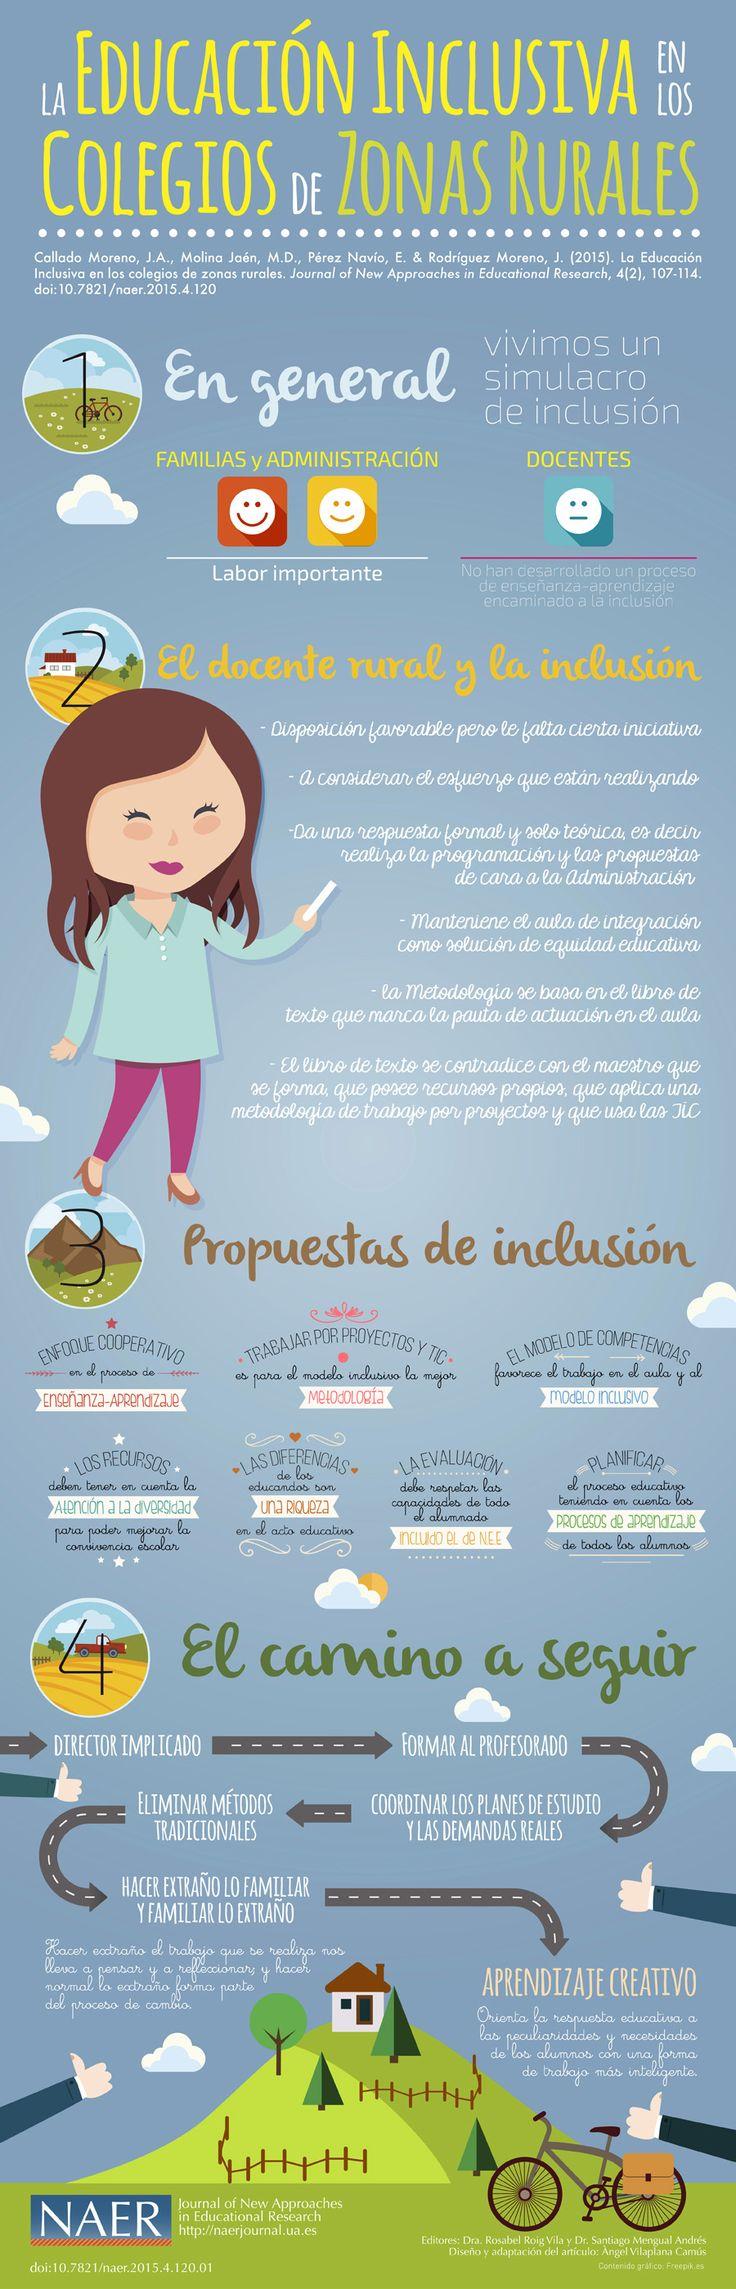 La Educación Inclusiva en los colegios de zonas rurales  PALABRAS CLAVE: EDUCACIÓN INCLUSIVA, ESCUELAS RURALES, N.E.E. Y PROFESORADO